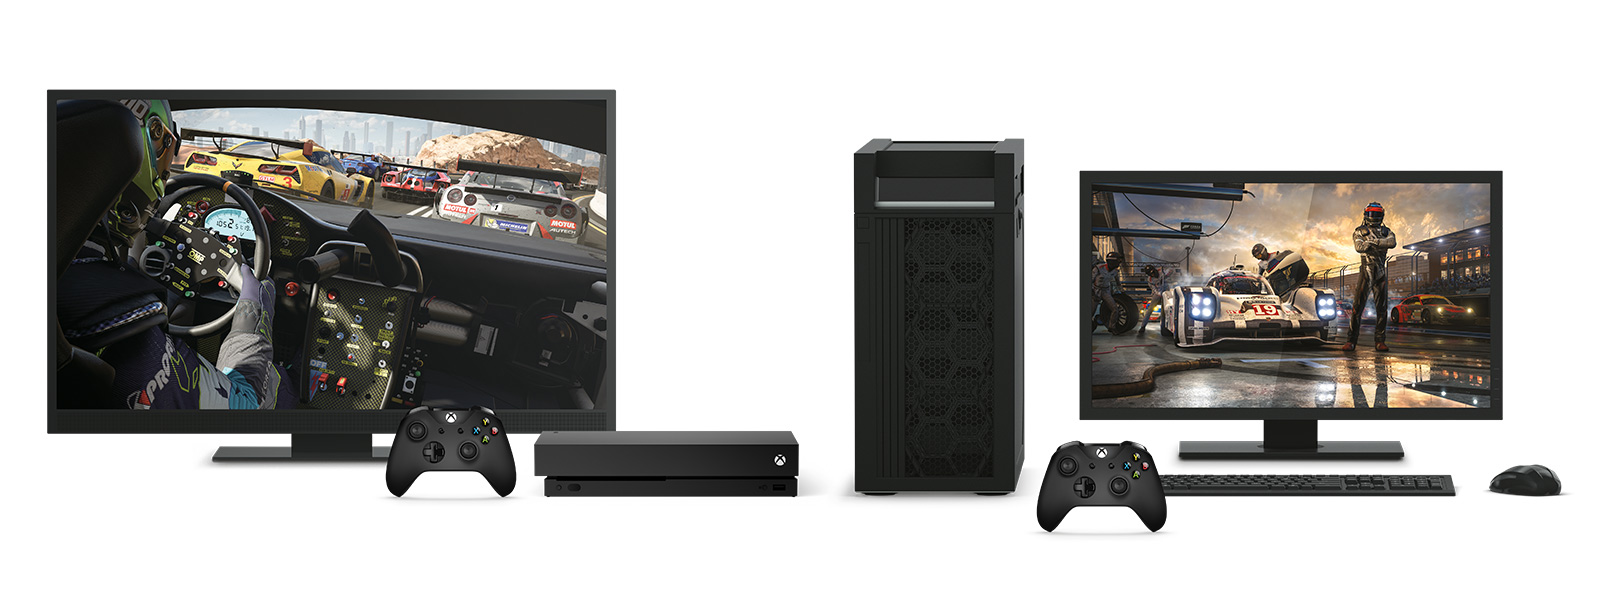 電視與電腦畫面顯示 Xbox One X 與 4K 桌面裝置連 Forza Motorsport 7 遊戲